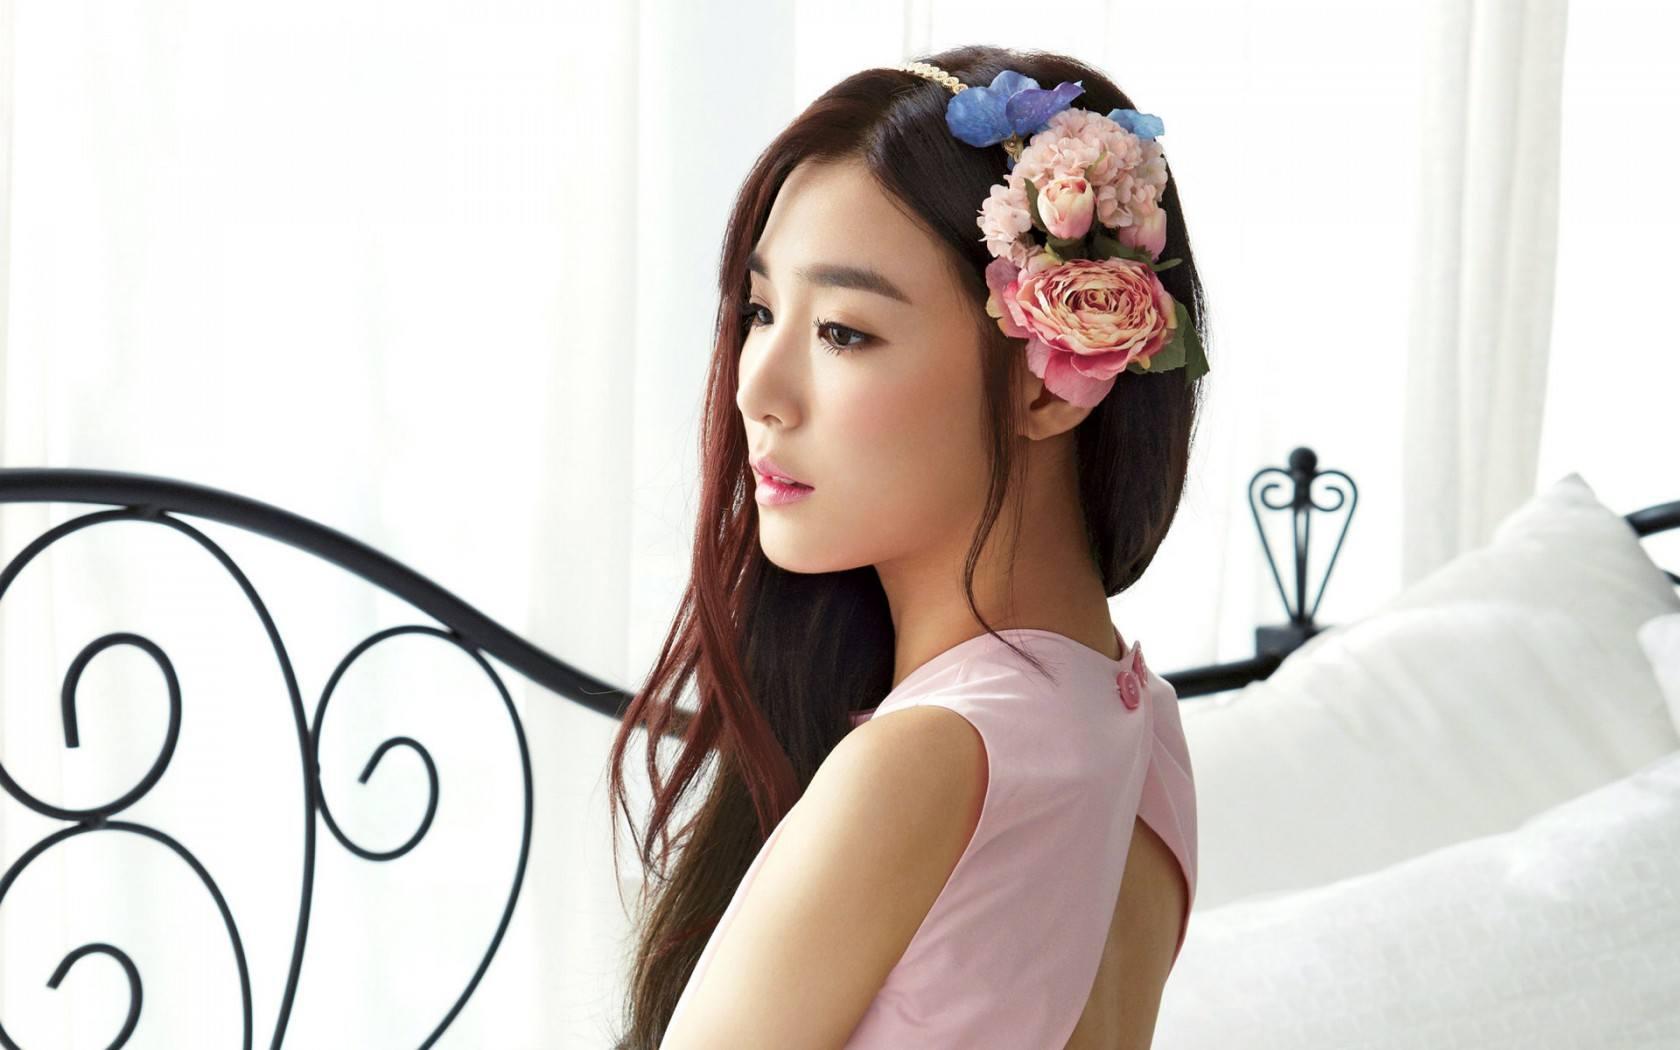 Sao Hàn: Lý do Sooyoung, Tiffany và Seohyun rời khỏi SM Entertainment đã được tiết lộ?